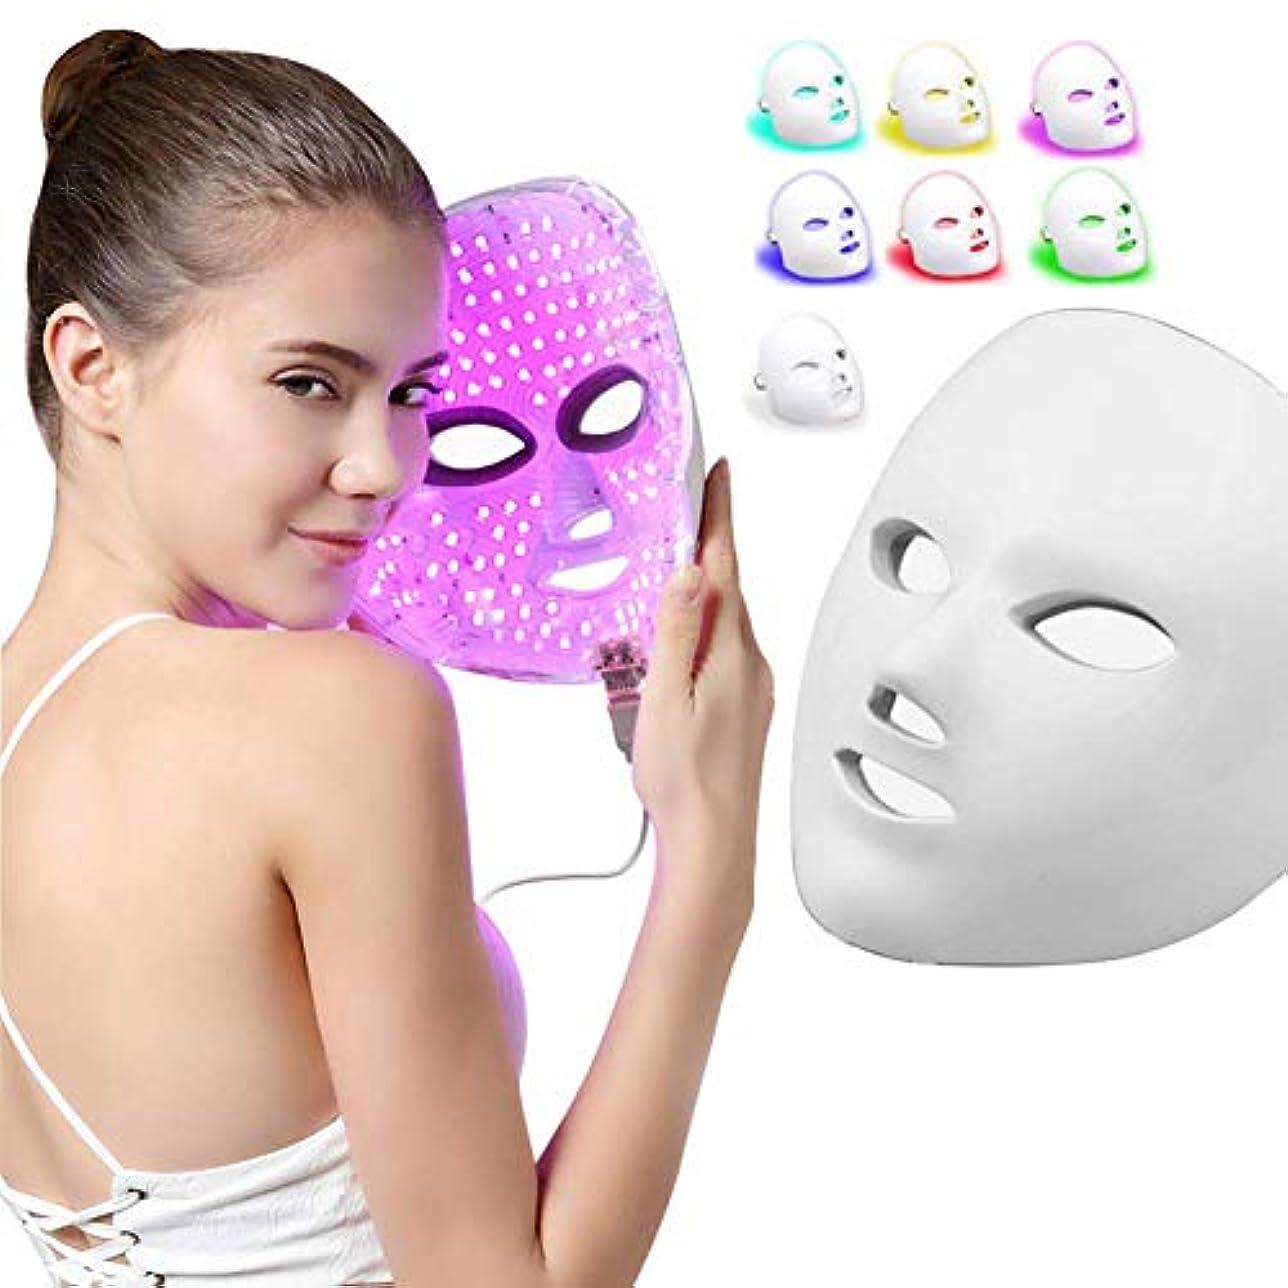 契約するポジション写真のライトセラピーマスク、7色フォトンフェイスマスクマシンマスクビューティープロアクティブスキンケアアンチエイジングファーミングスキン改善ファインライン